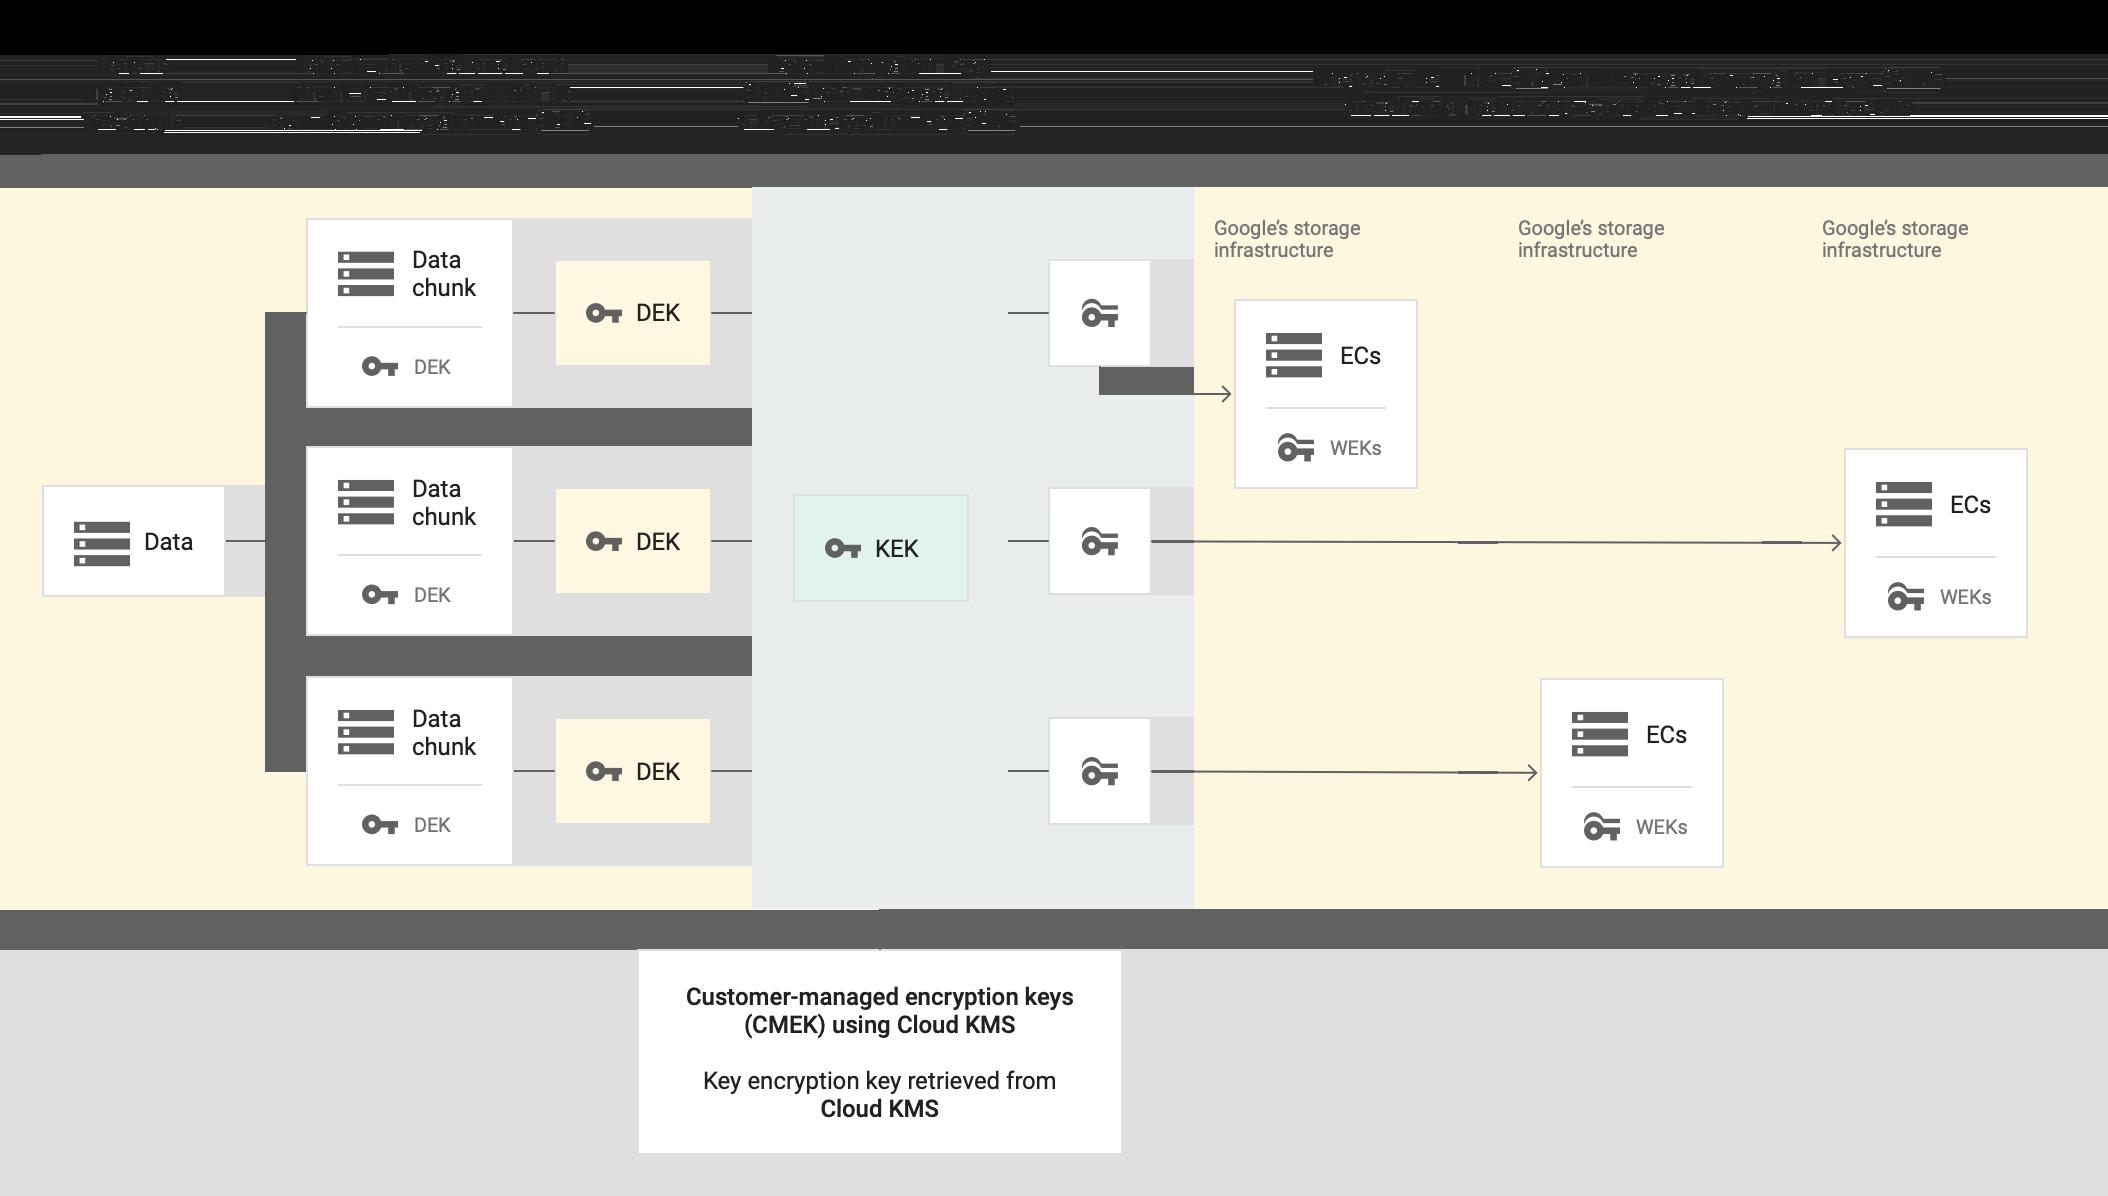 数据会上传到 Google,然后进行分块,每个区块使用自己的数据加密密钥进行加密。数据加密密钥使用密钥加密密钥进行封装。通过使用 Cloud KMS 的 CMEK,系统会从 Cloud KMS 中检索密钥加密密钥。加密的区块和封装的加密密钥分布在 Google 的存储基础架构中。